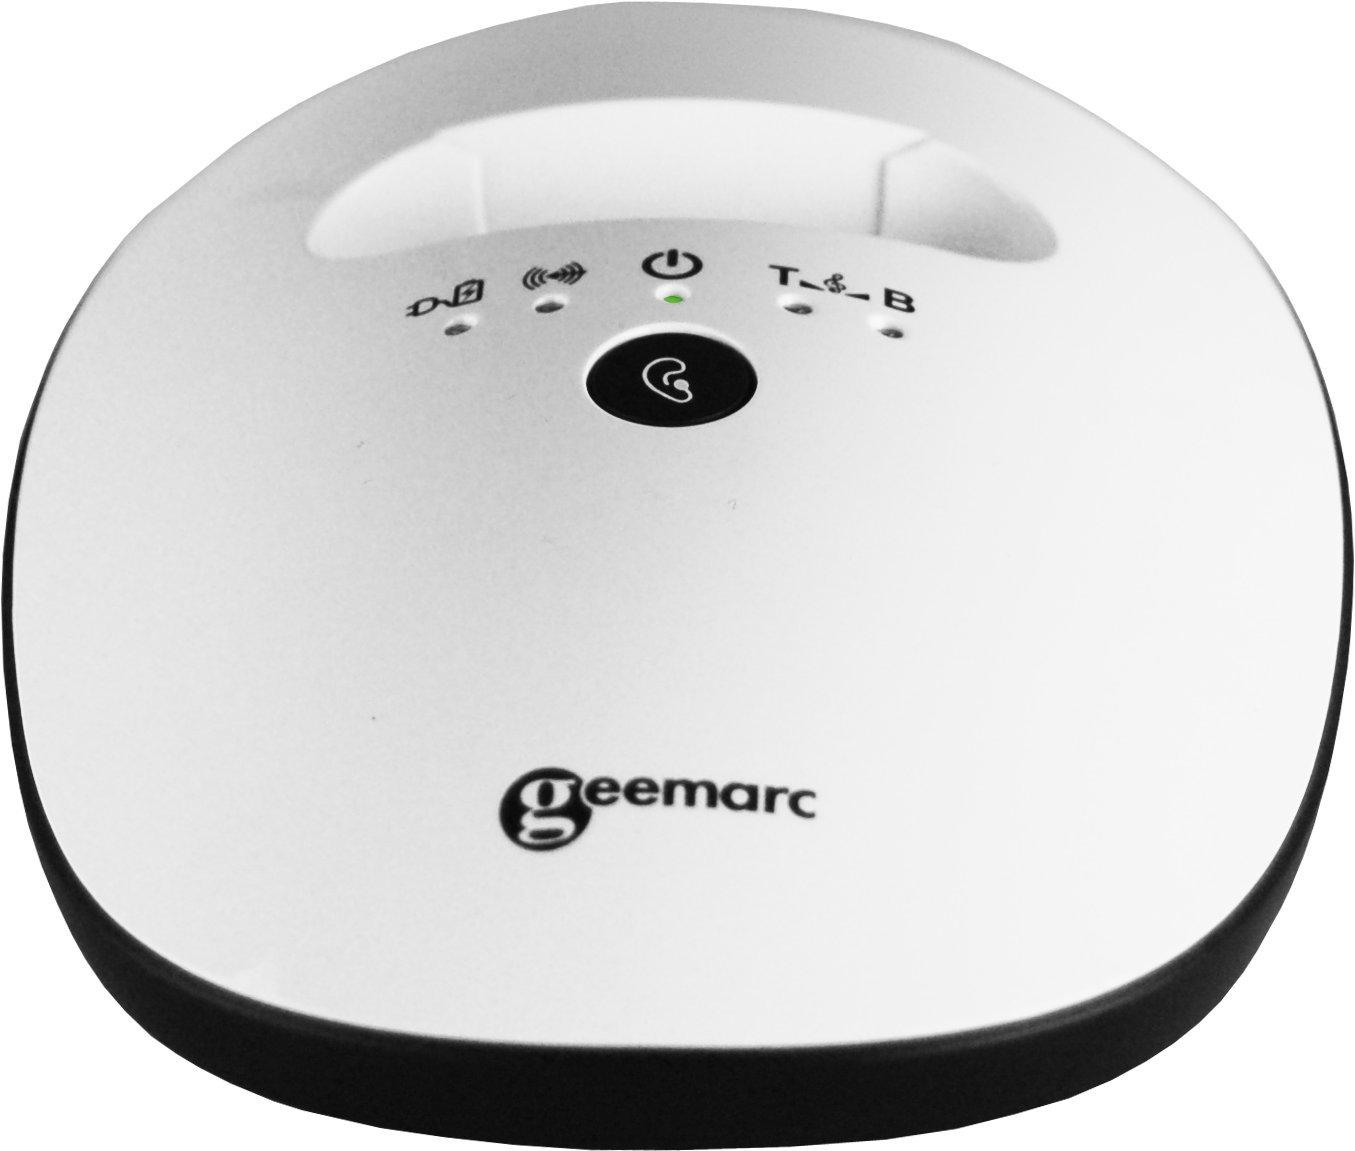 Geemarc Auriculares Inalámbricos Digitales De Televisión: Amazon.es: Electrónica